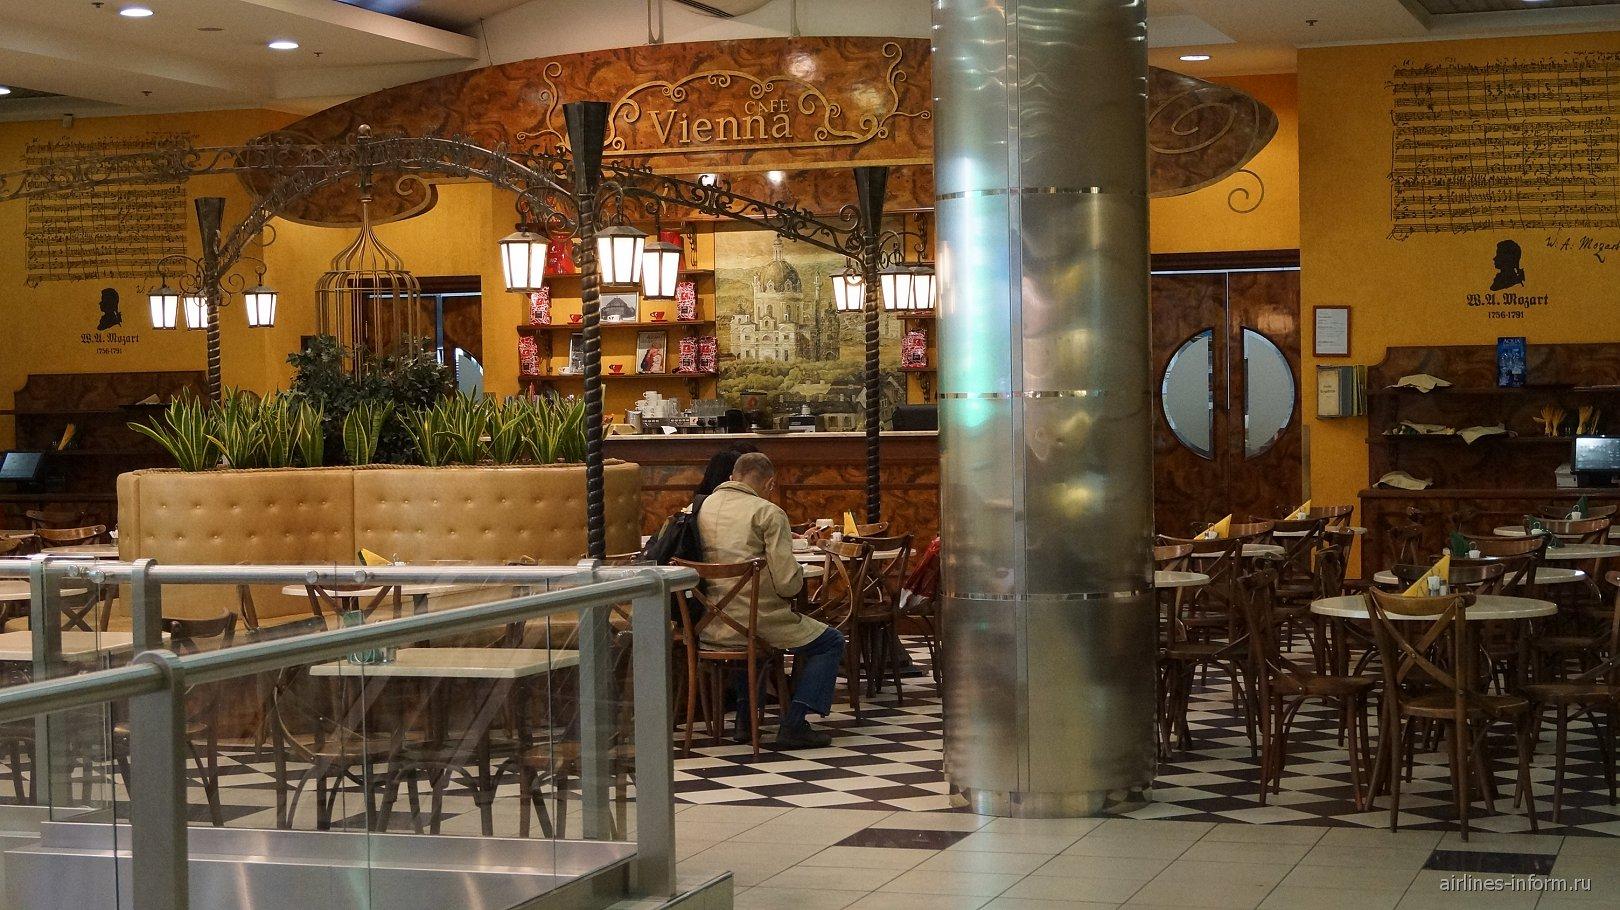 Кафе Vienna в чистой зоне международных вылетов аэропорта Домодедово